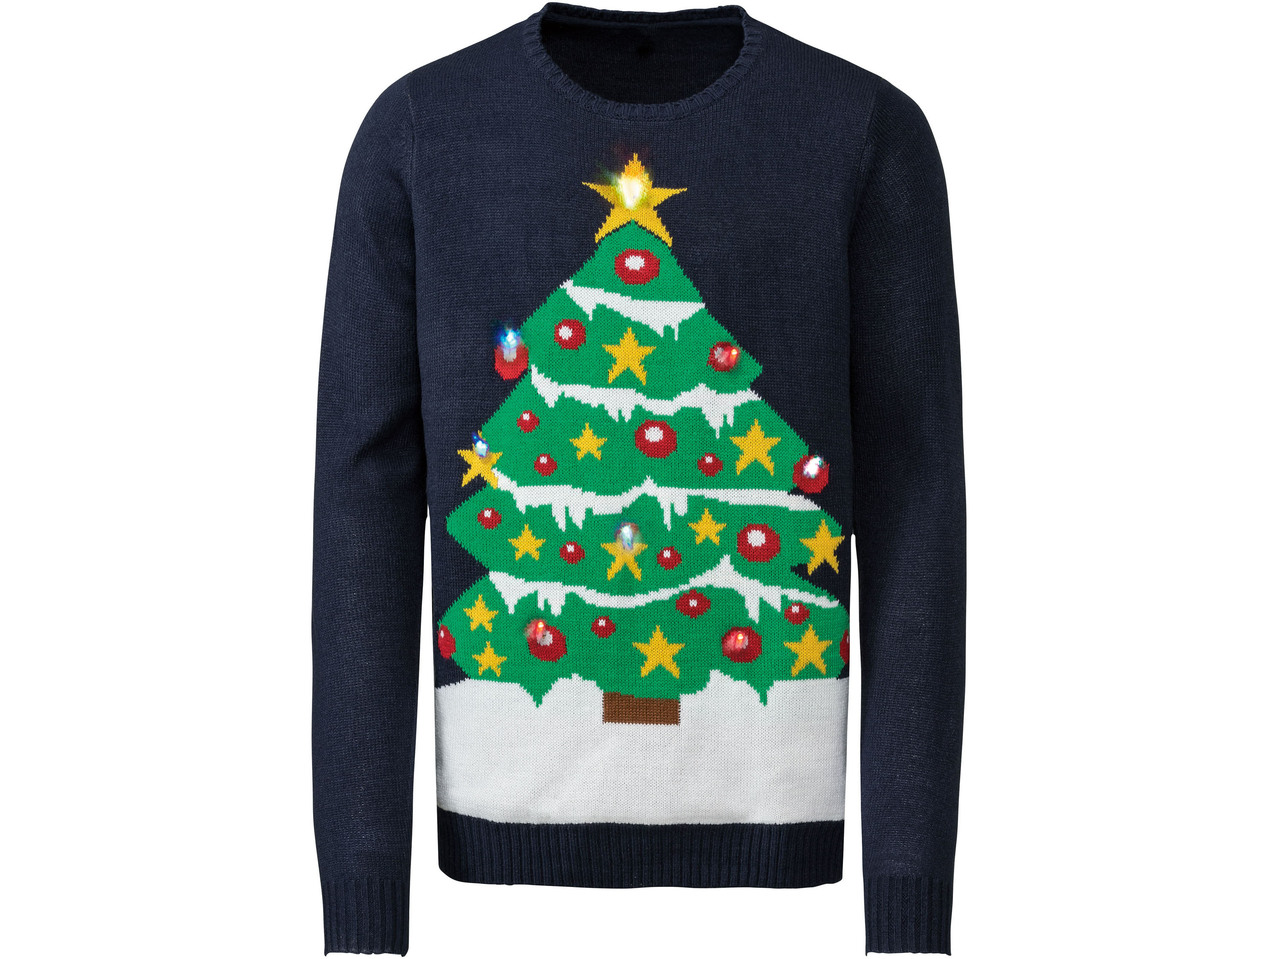 miglior servizio fbe13 d0737 Pullover natalizio da uomo - Lidl — Italia - Archivio ...